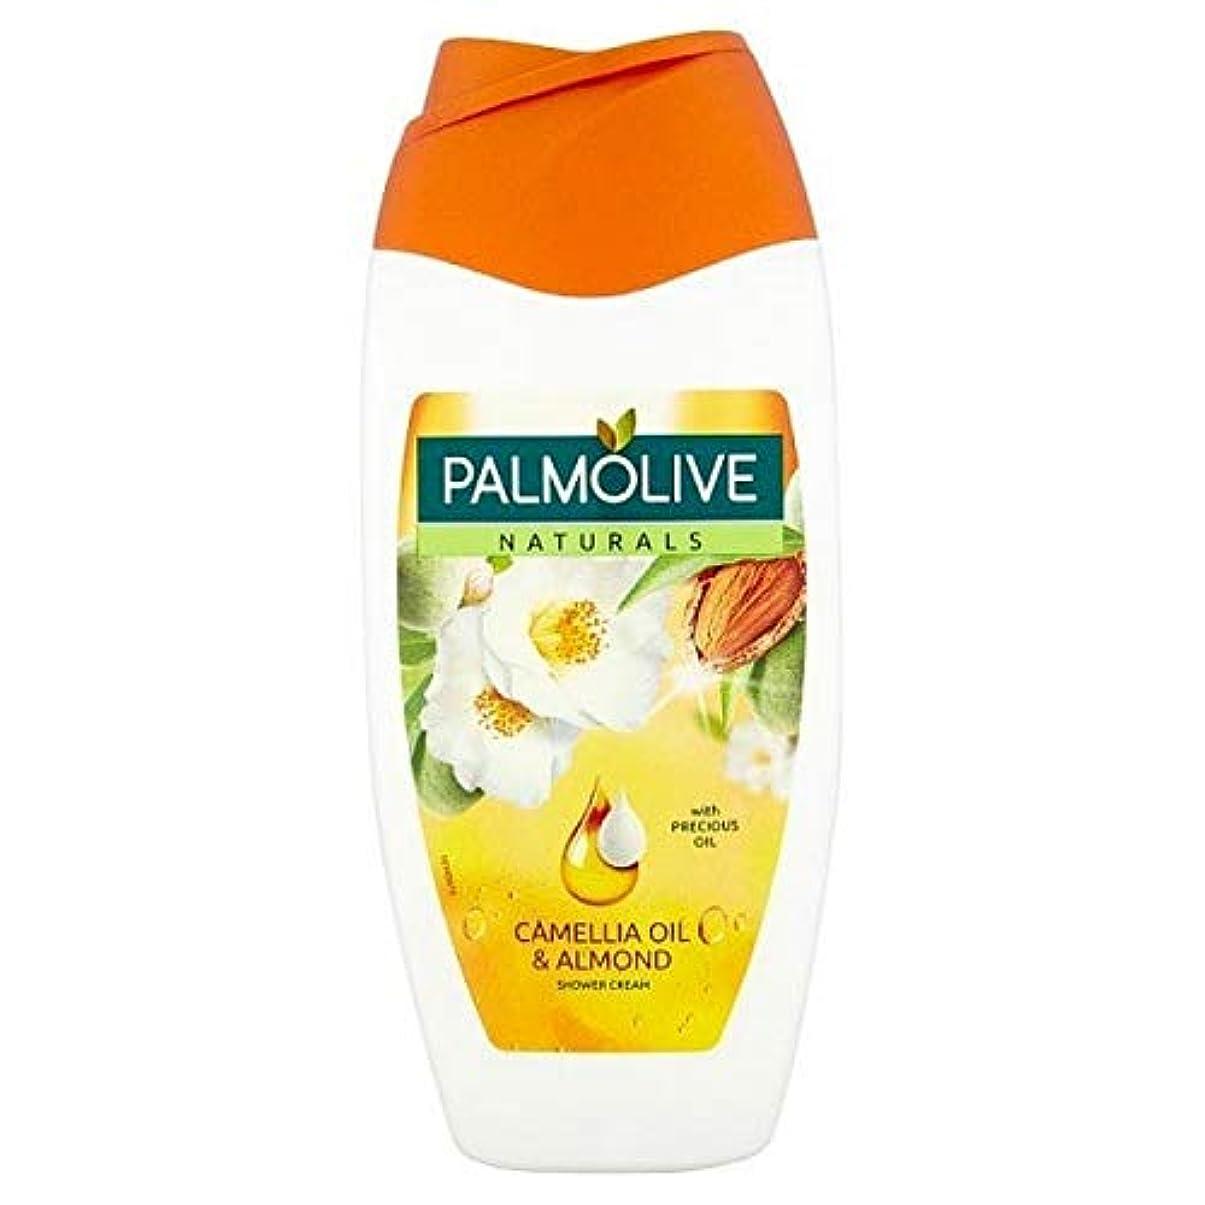 ホールドピクニックむしゃむしゃ[Palmolive ] パルモナチュラル椿油&アーモンドシャワージェル250ミリリットル - Palmolive Naturals Camellia Oil & Almond Shower Gel 250ml [並行輸入品]